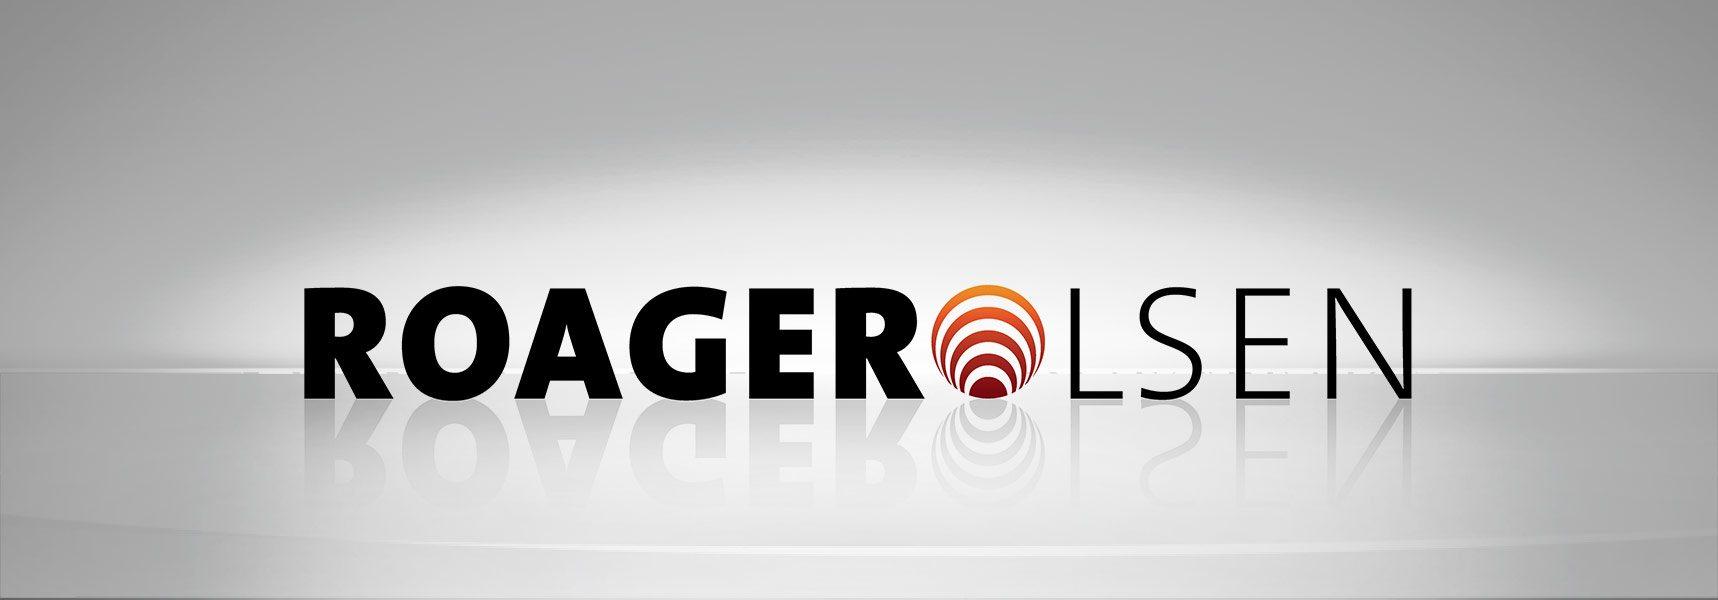 RoagerOlsen-Logo